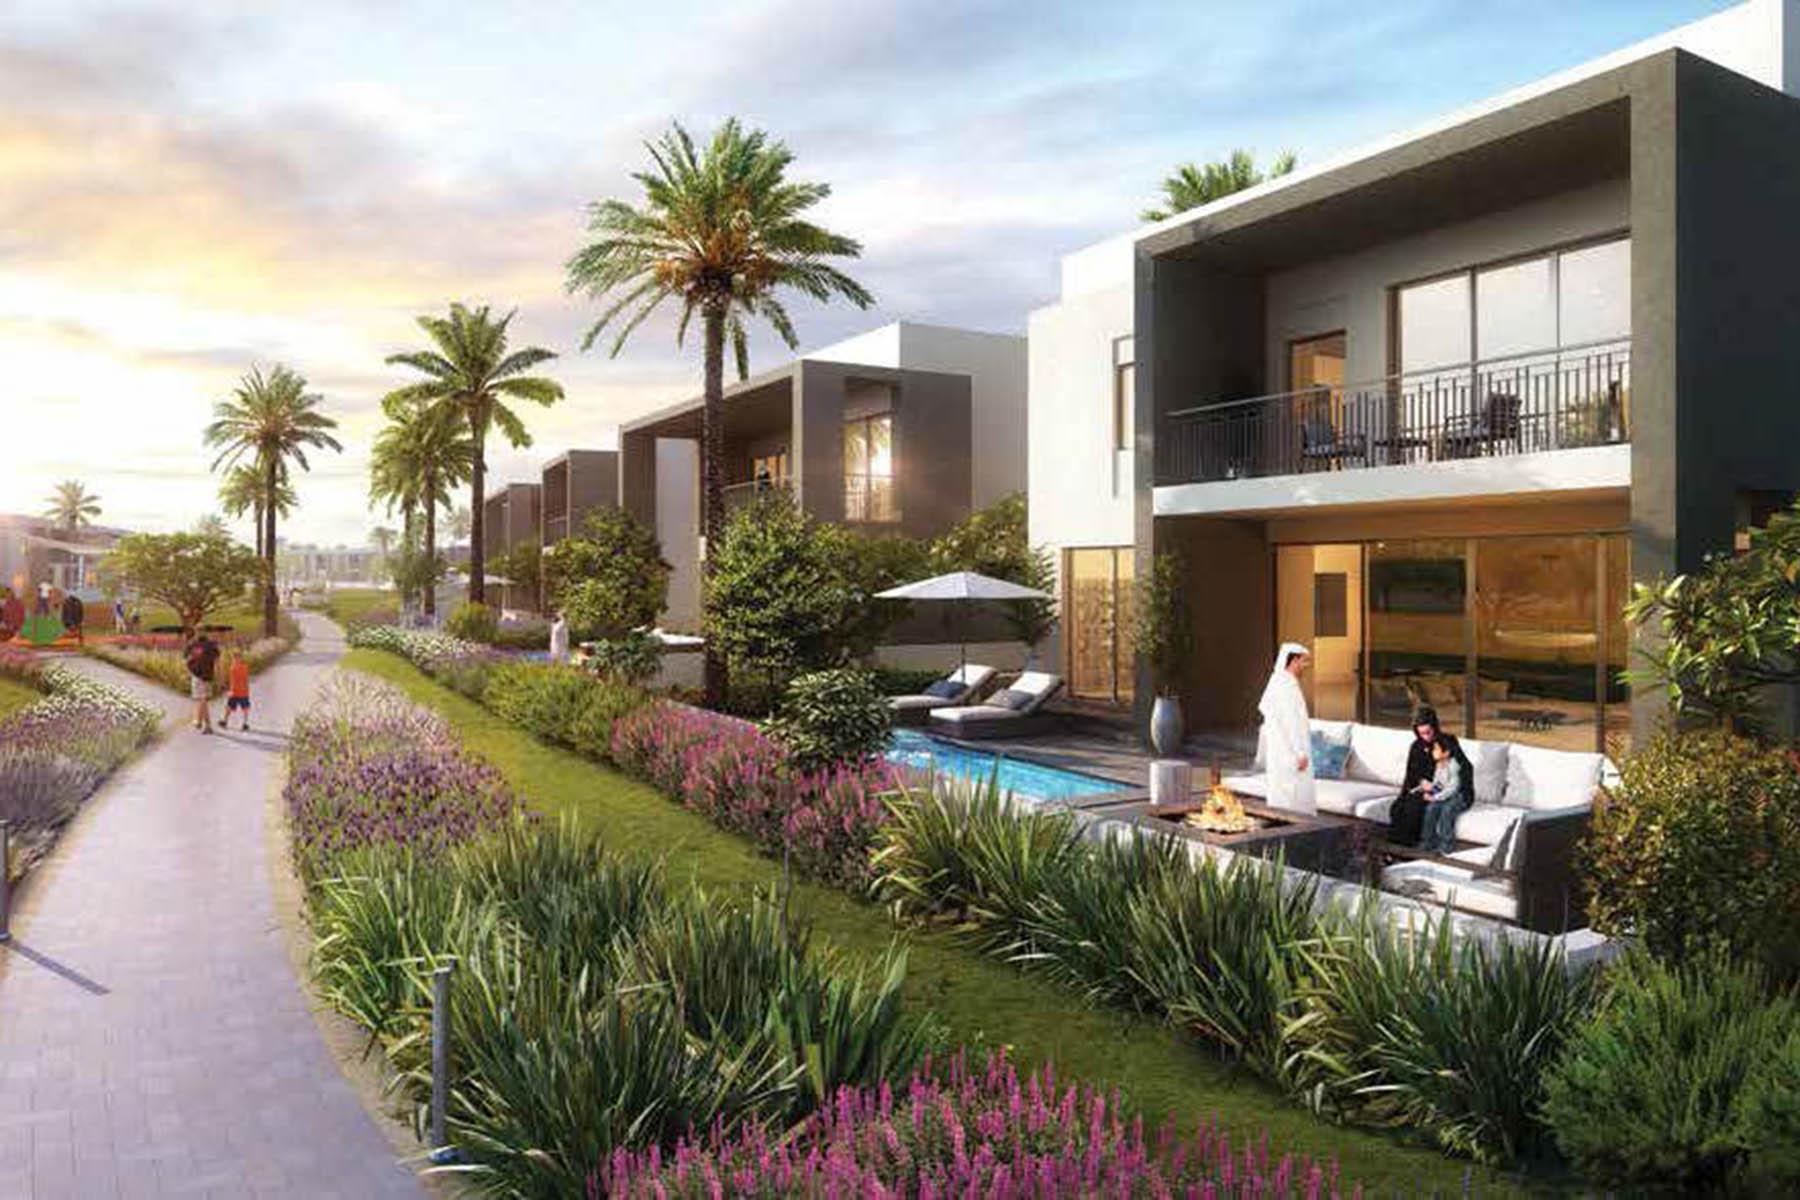 5 Bedroom Villa in a Great Location